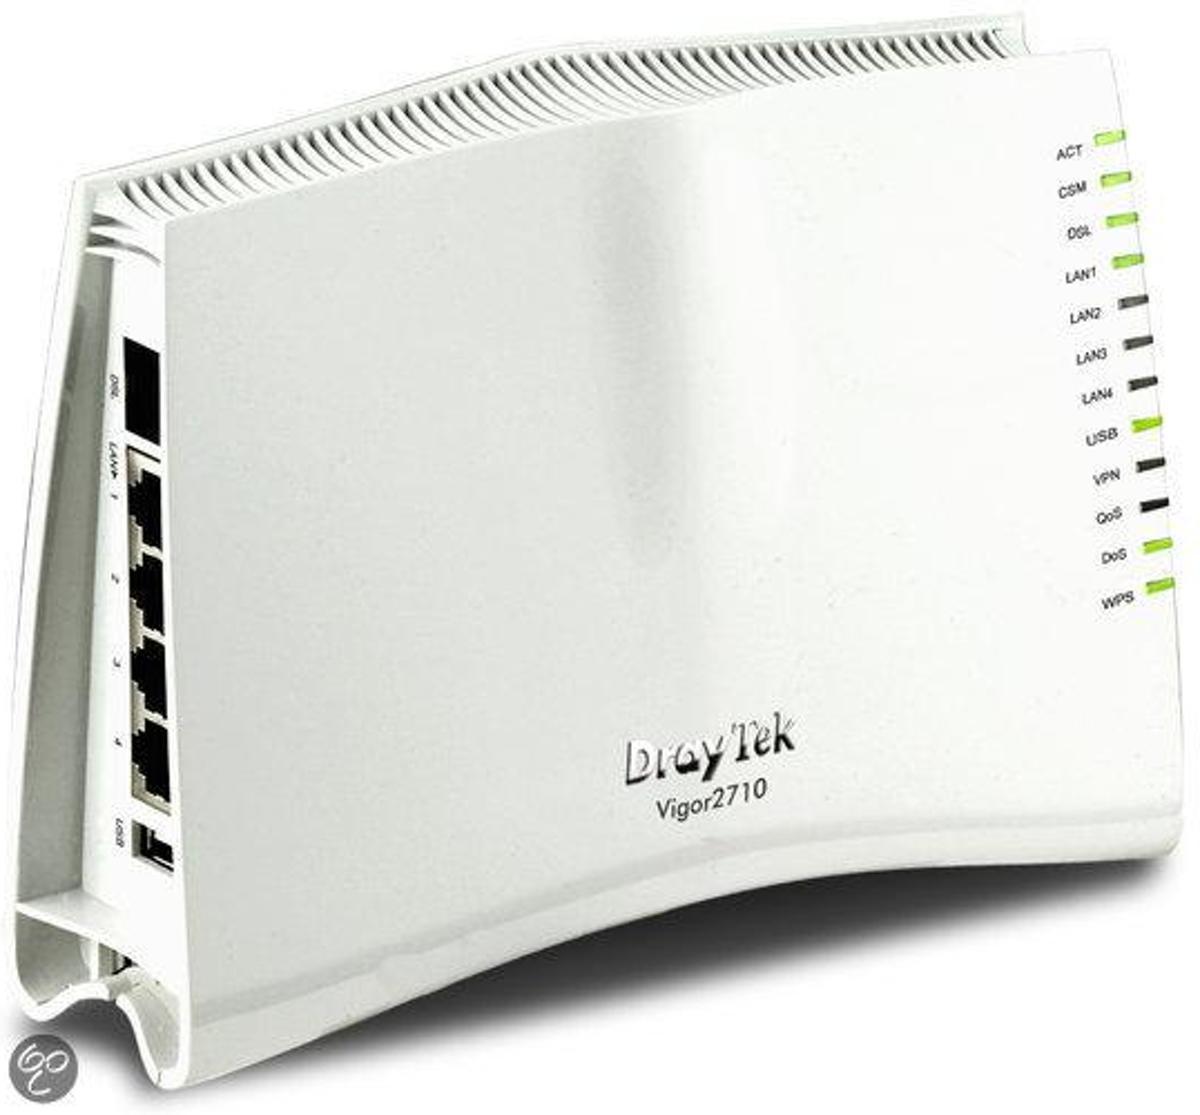 DrayTek Vigor 2710 Annex A - Modem Router kopen